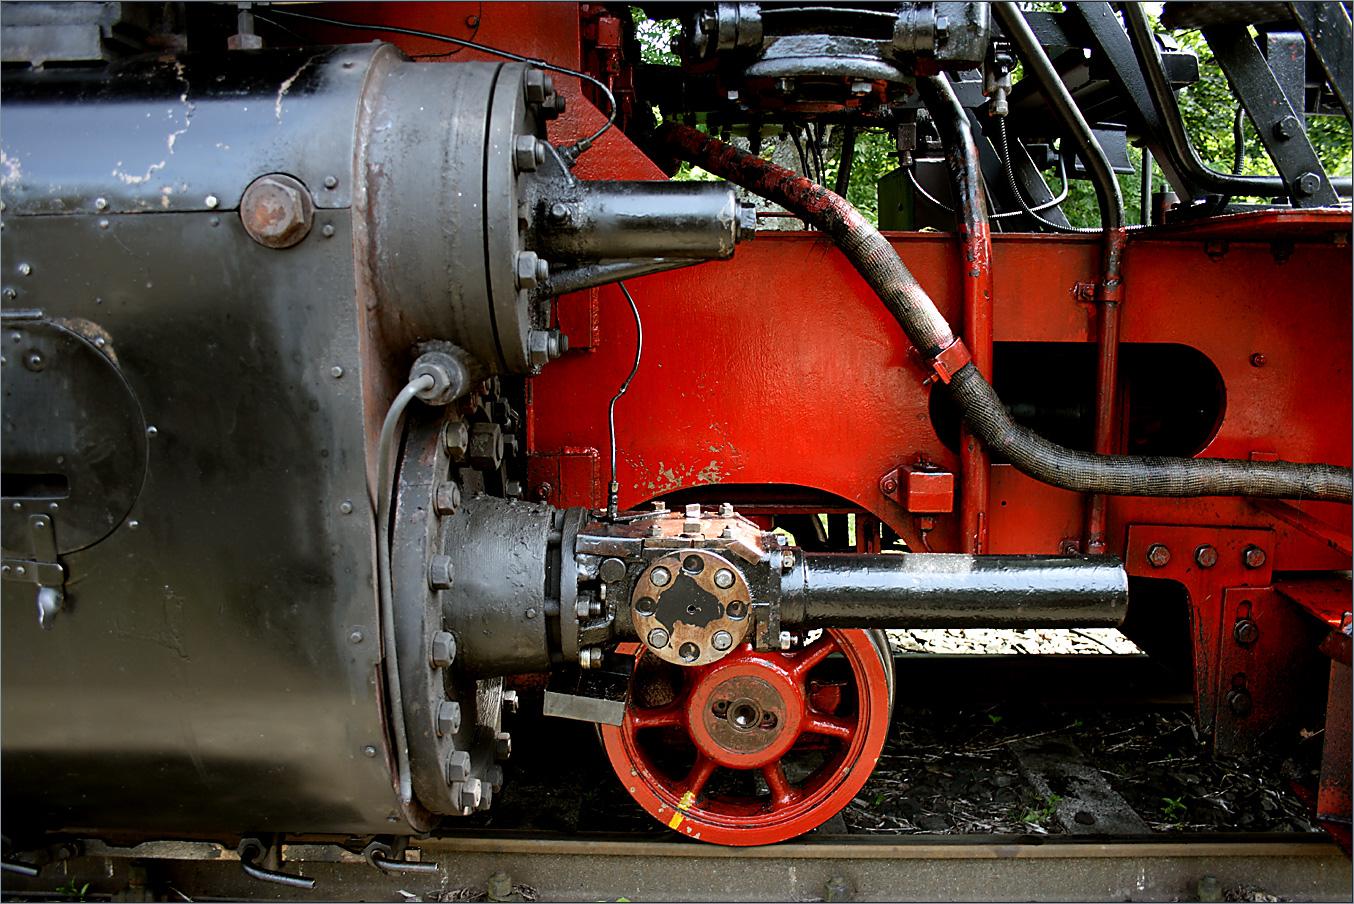 (Doch keine) Verbunddampfmaschine